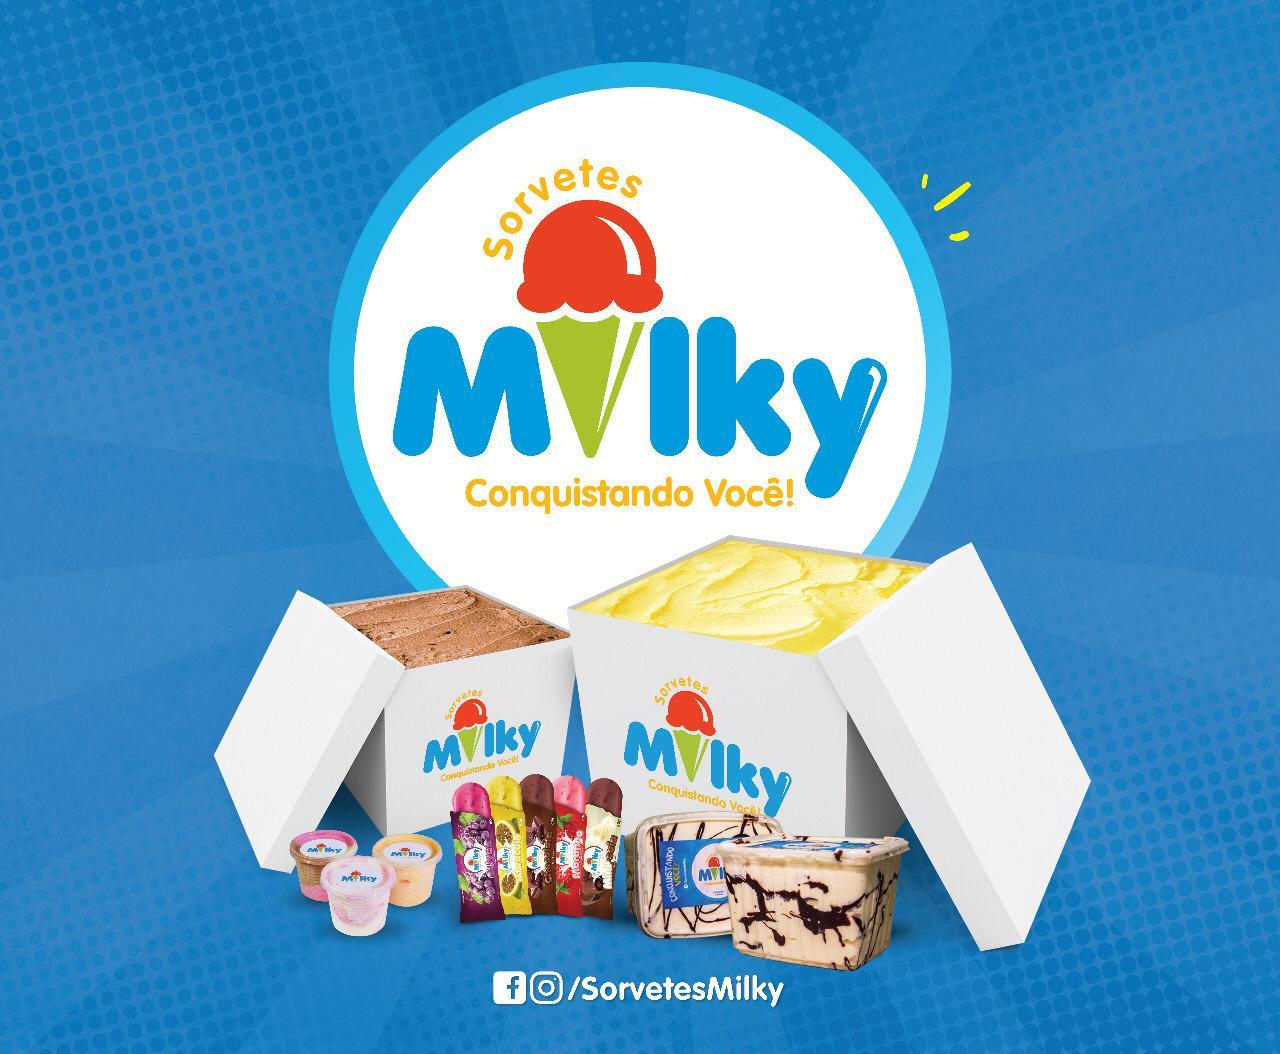 Sorvetes Milky